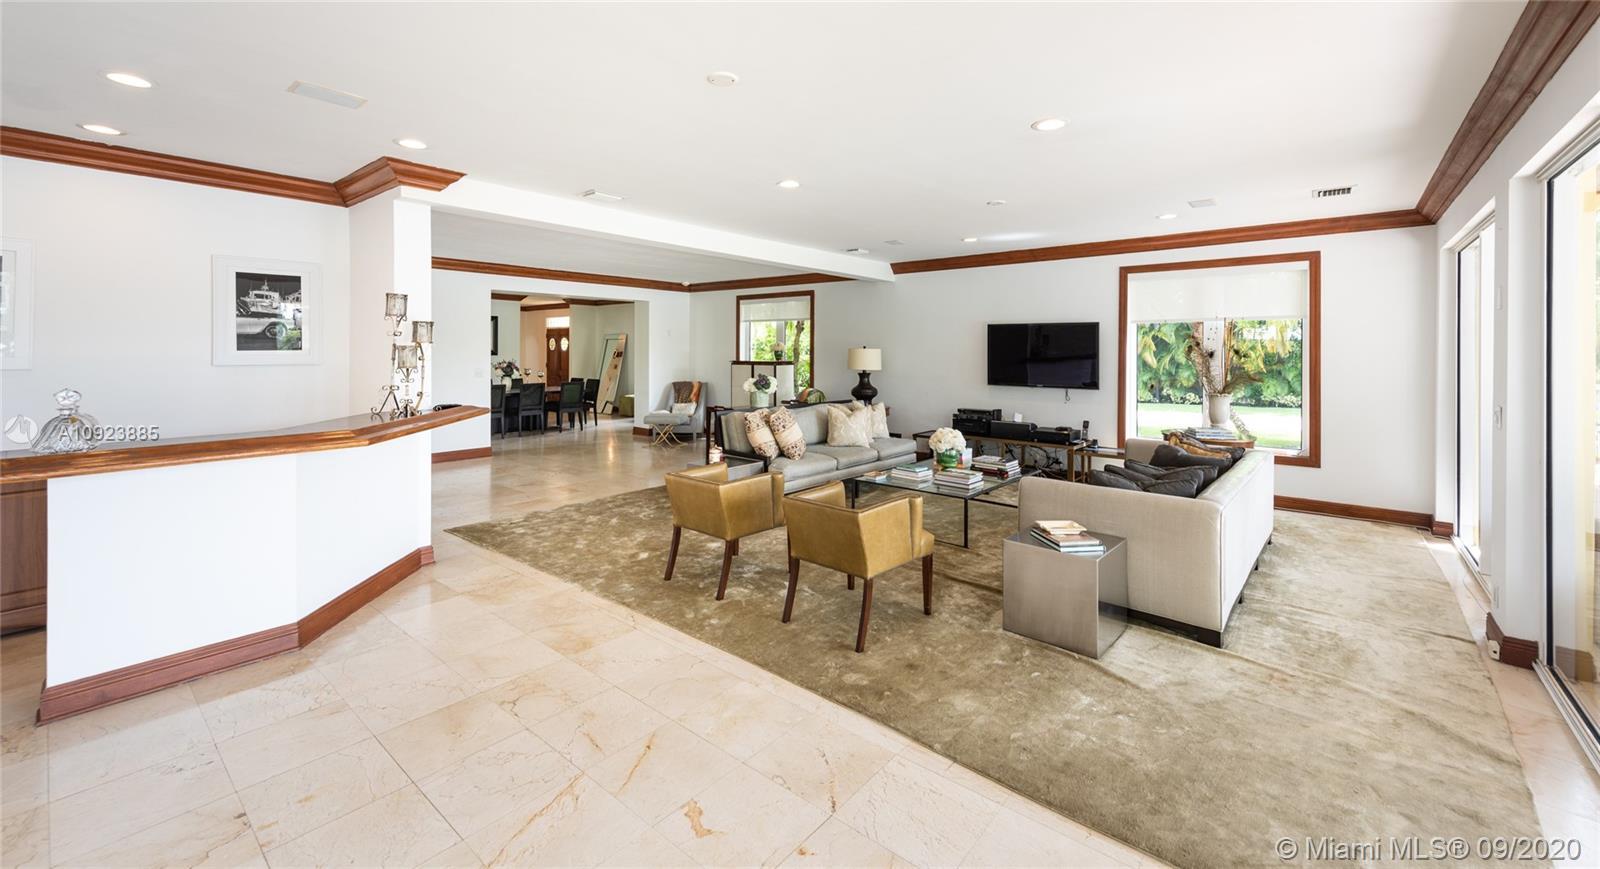 Living room with adjacent wet bar